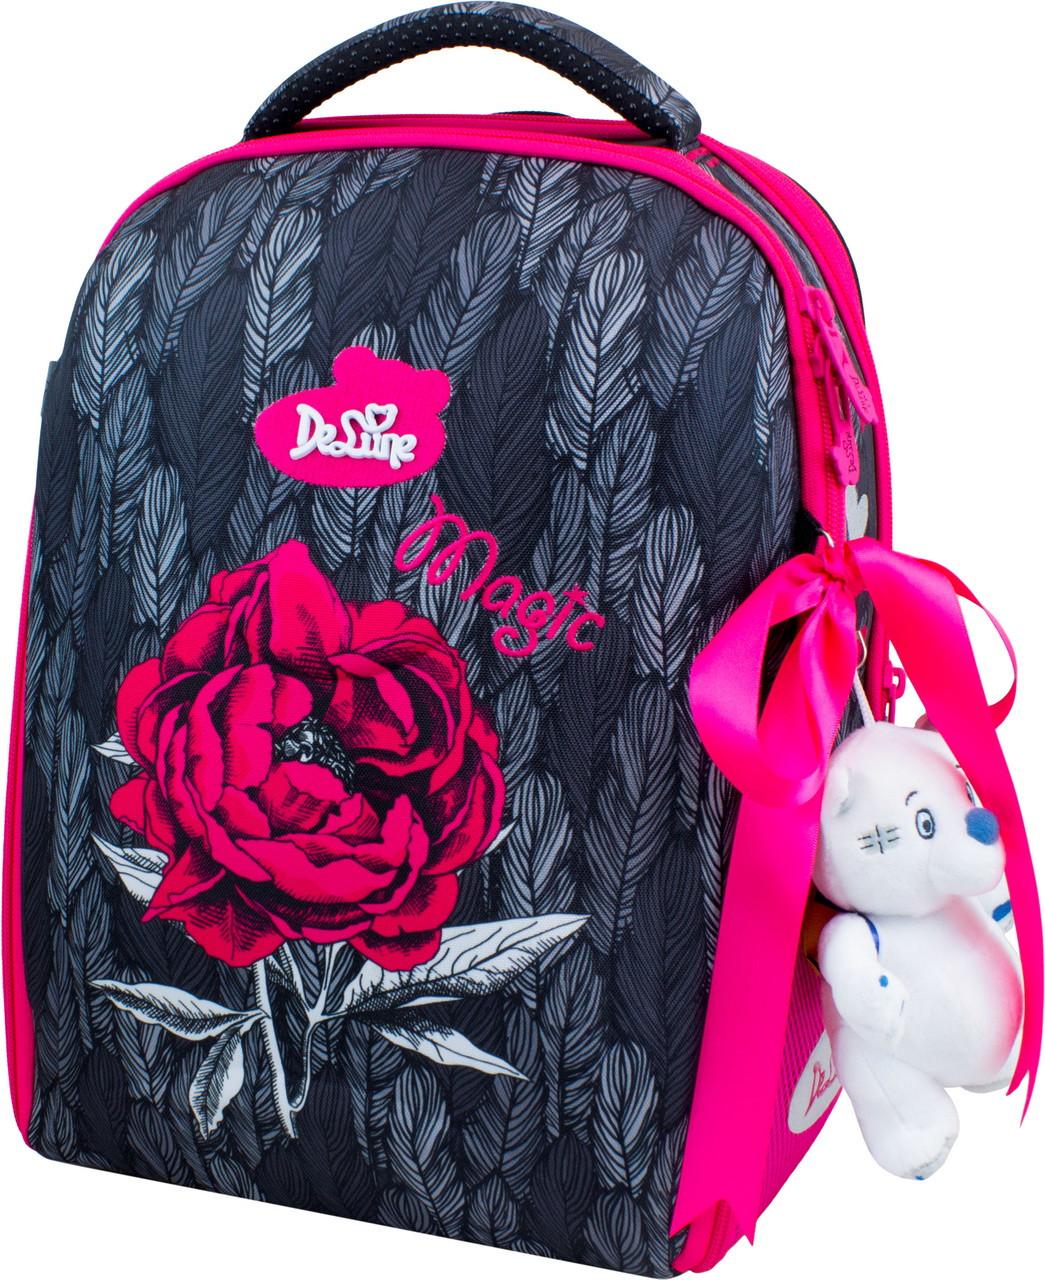 Рюкзак школьный каркасный с наполнением DeLune 37 x 28 x 17 см